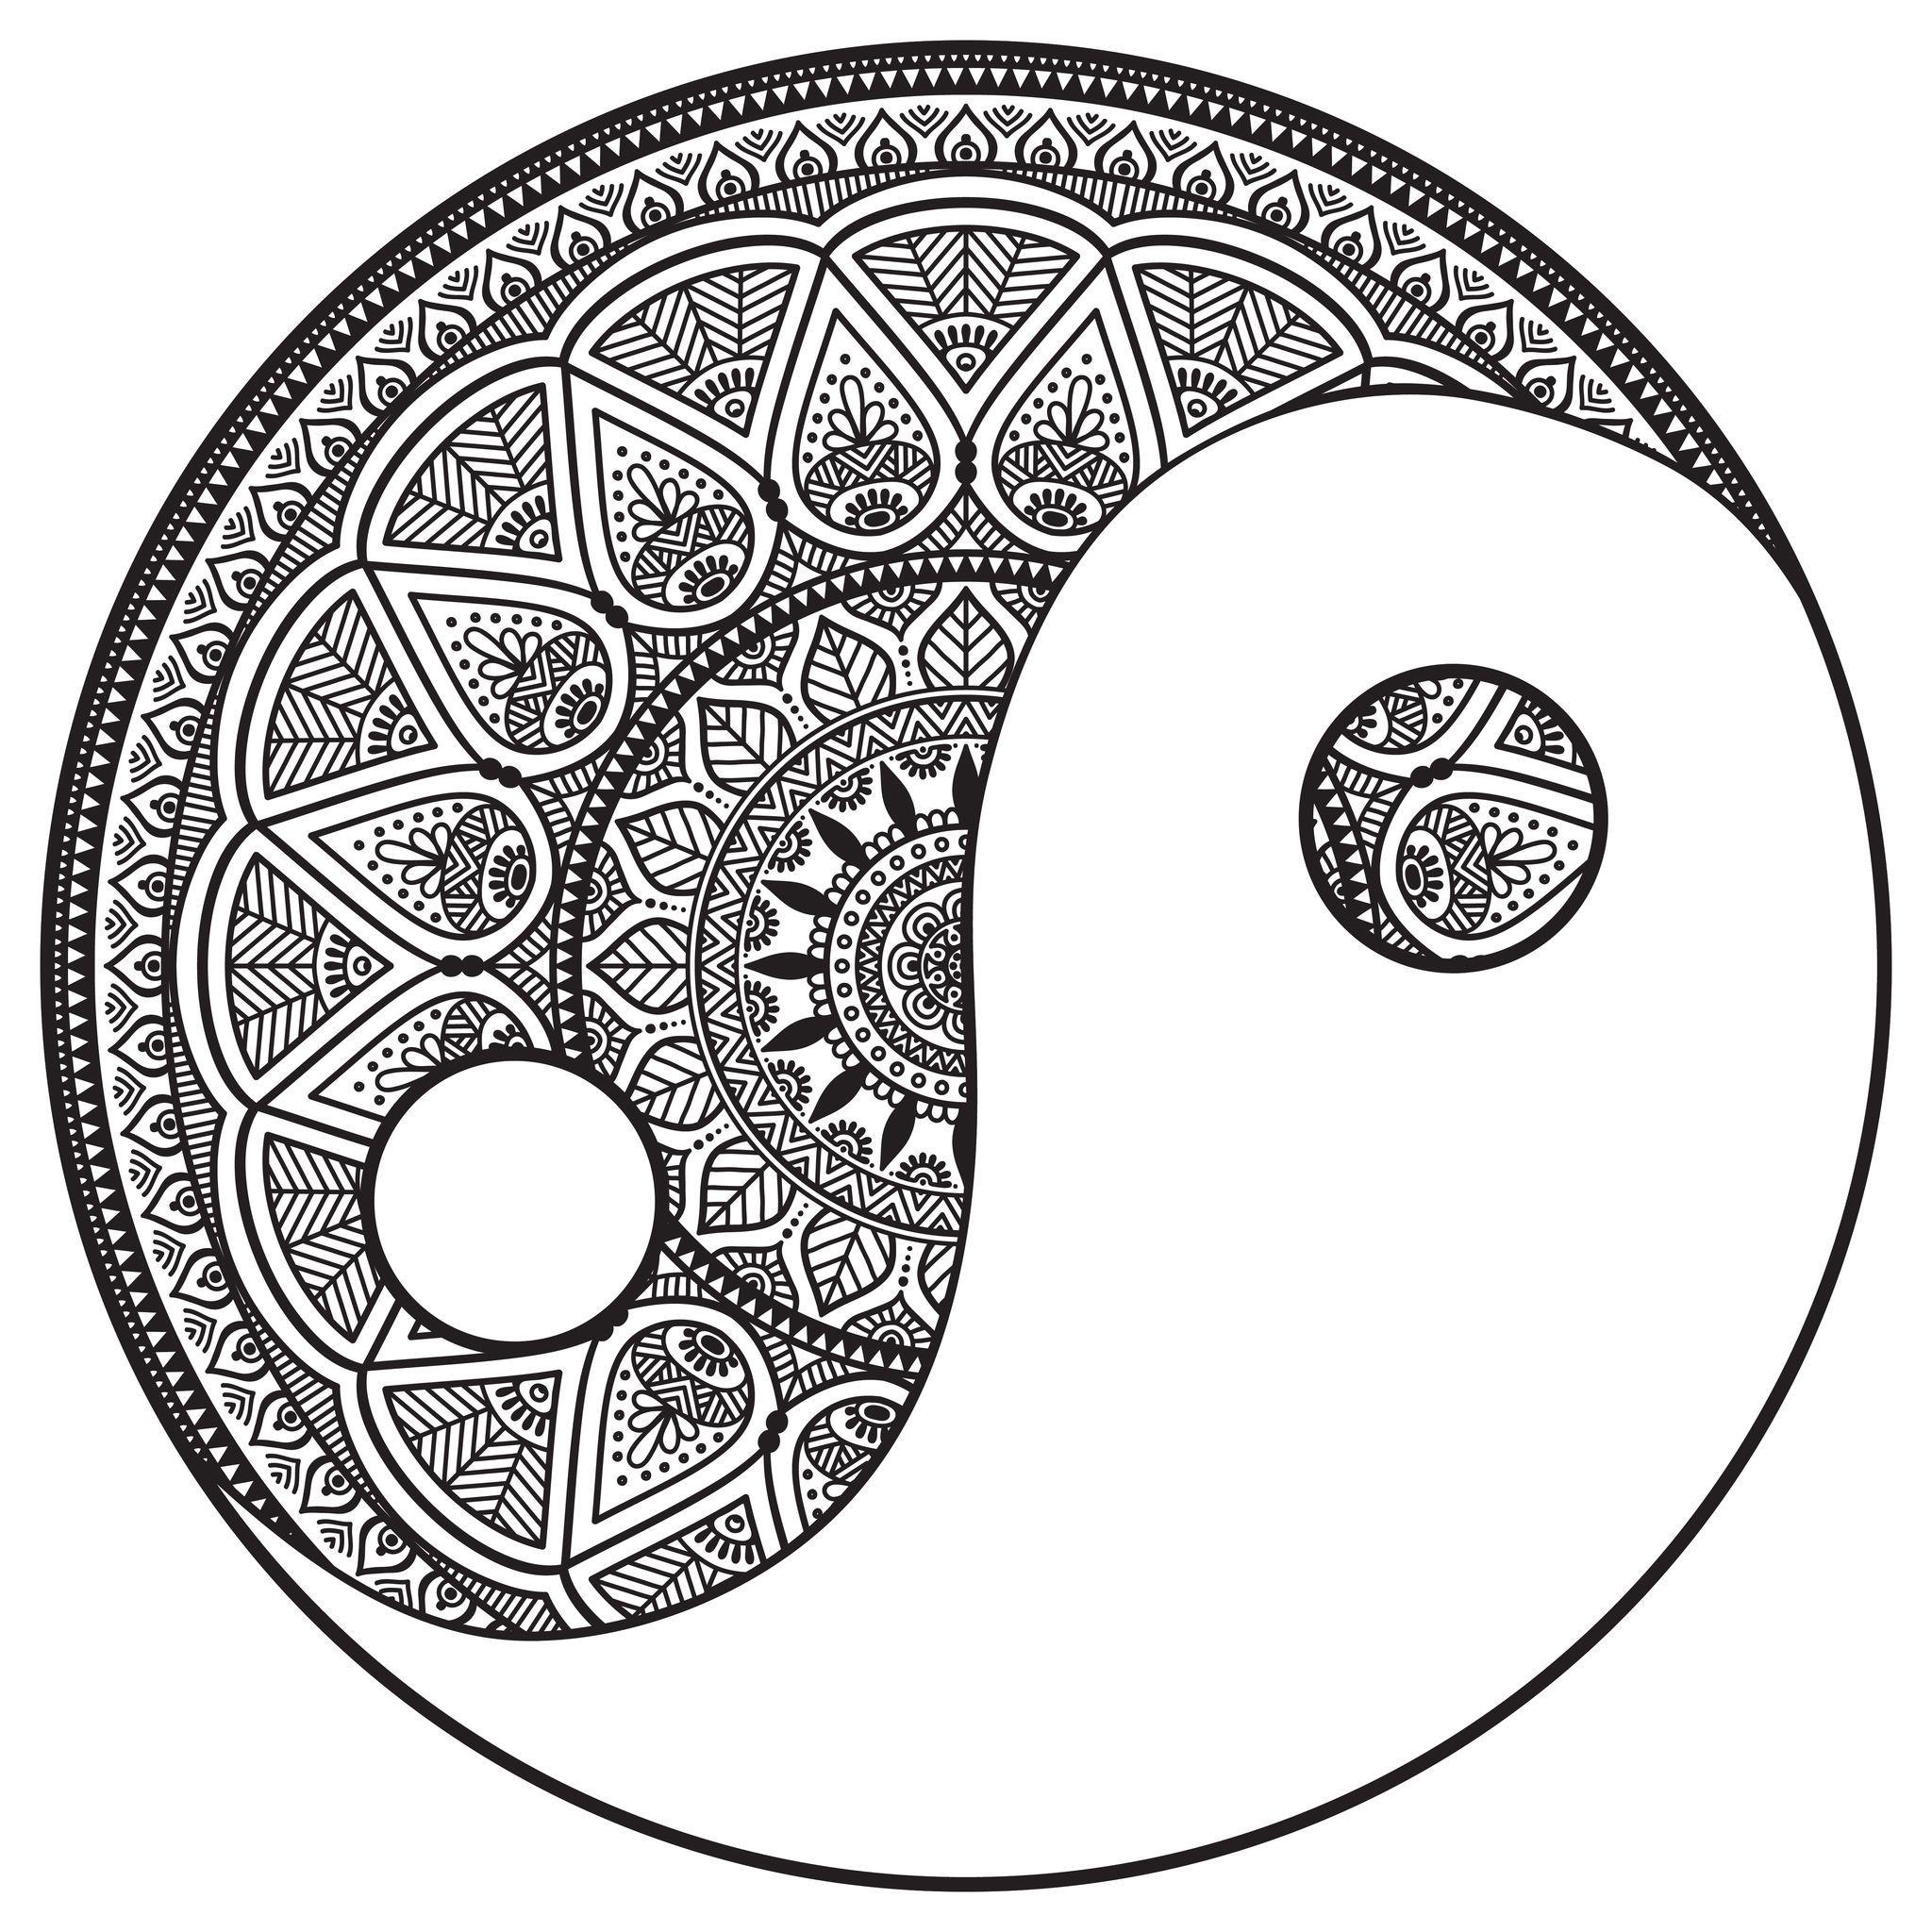 Zen Mandala Inspired Zen Anti Stress Mandalas 100 Mandalas